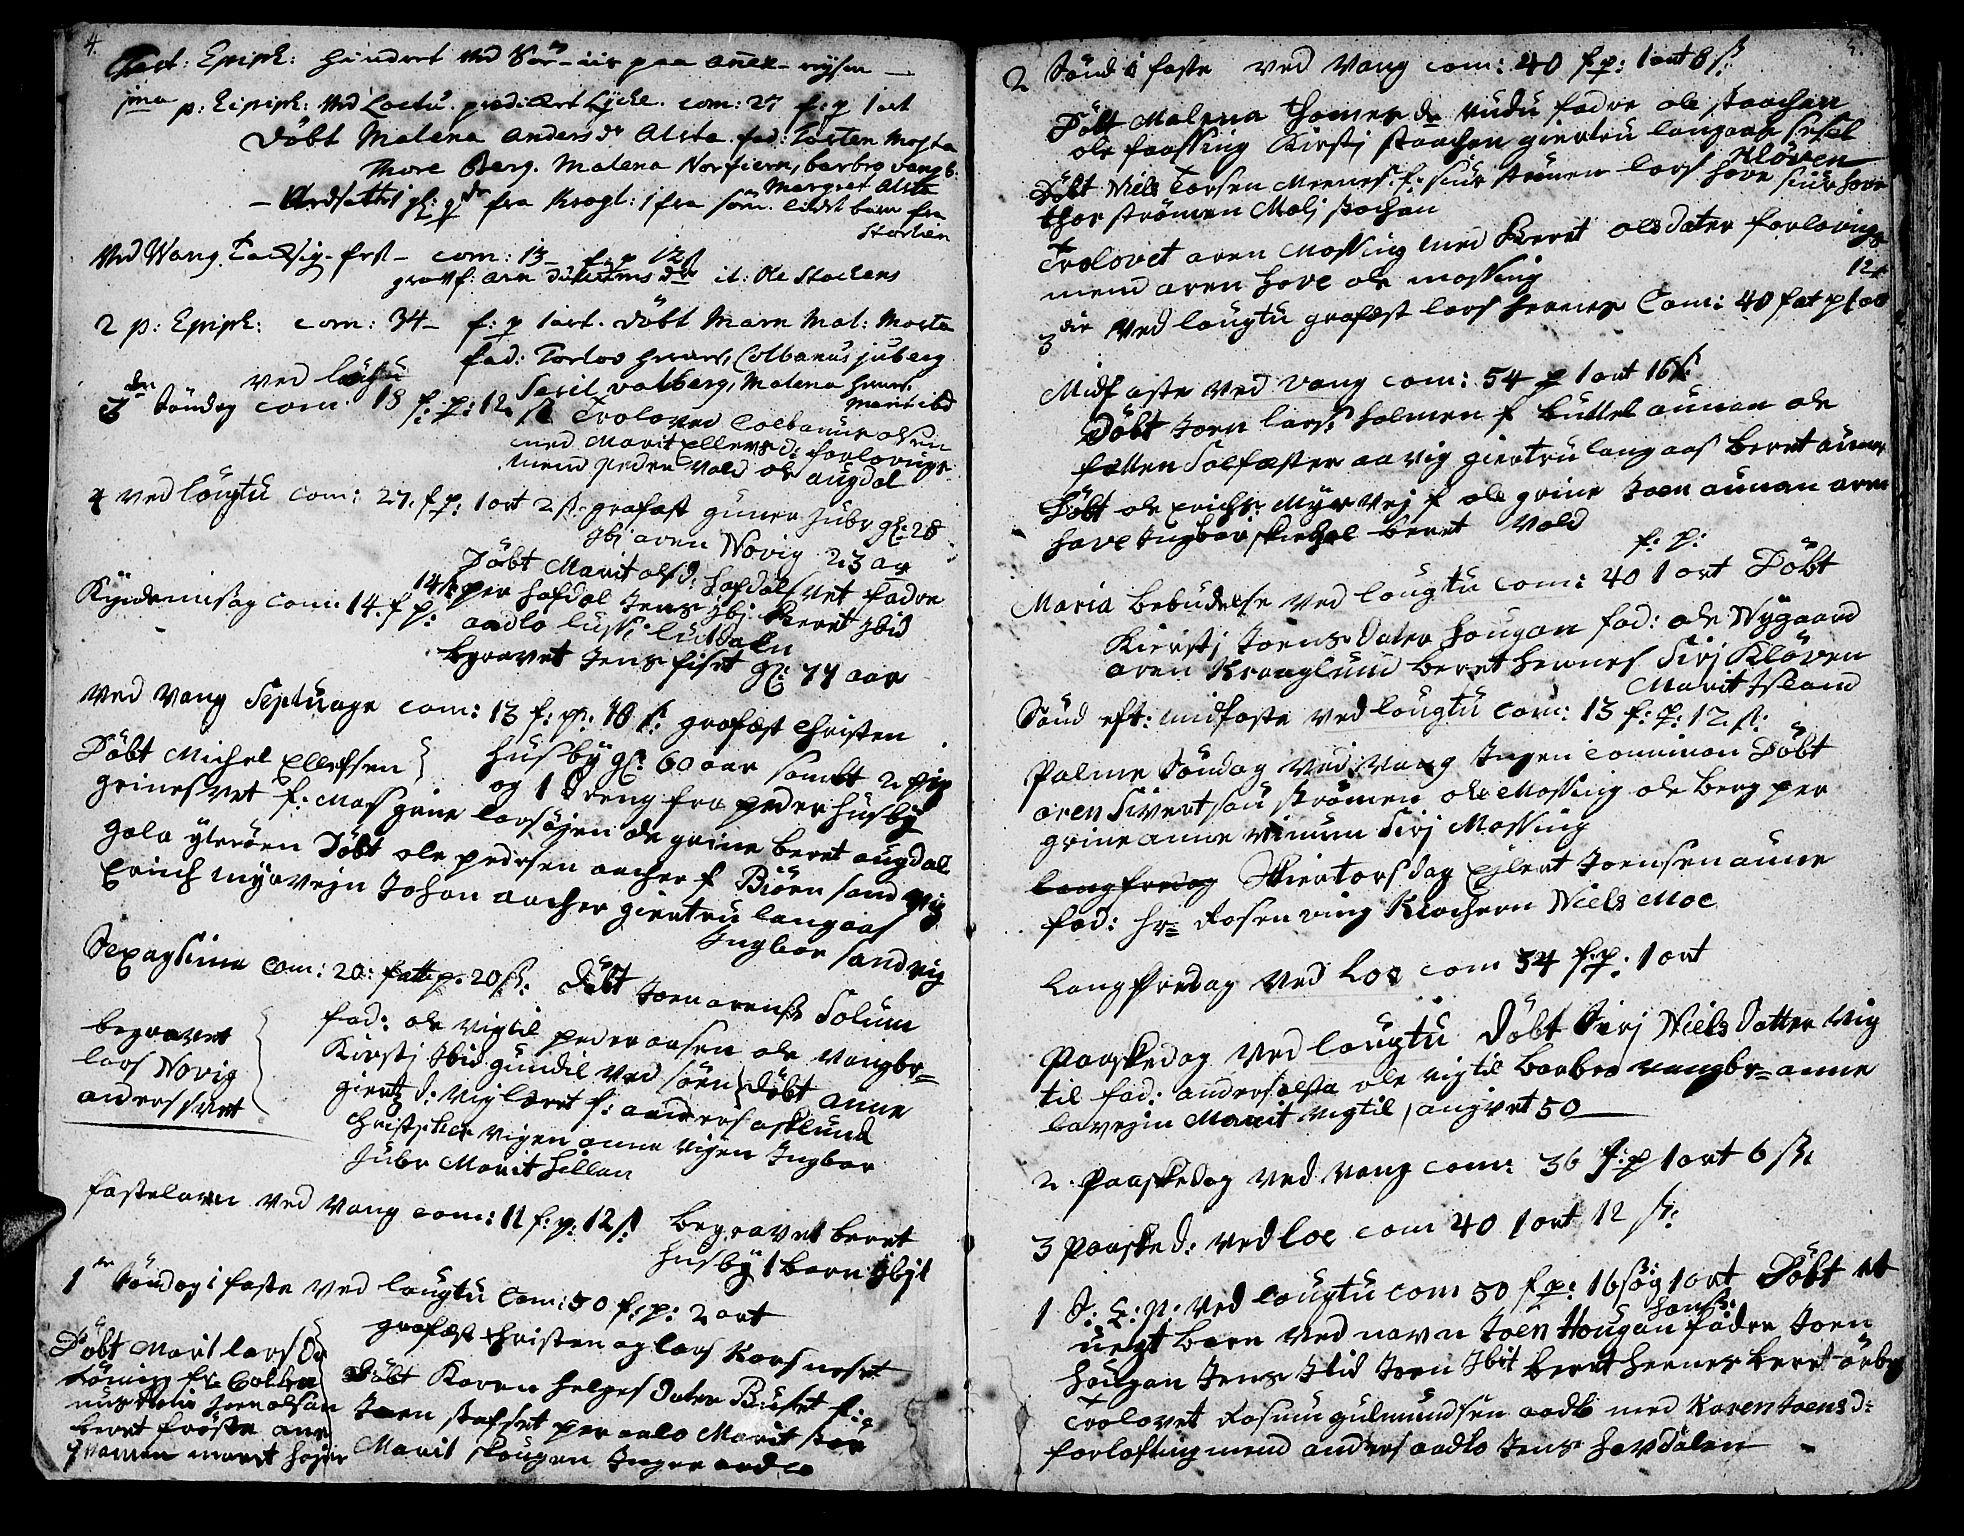 SAT, Ministerialprotokoller, klokkerbøker og fødselsregistre - Nord-Trøndelag, 713/L0109: Ministerialbok nr. 713A01, 1750-1778, s. 4-5